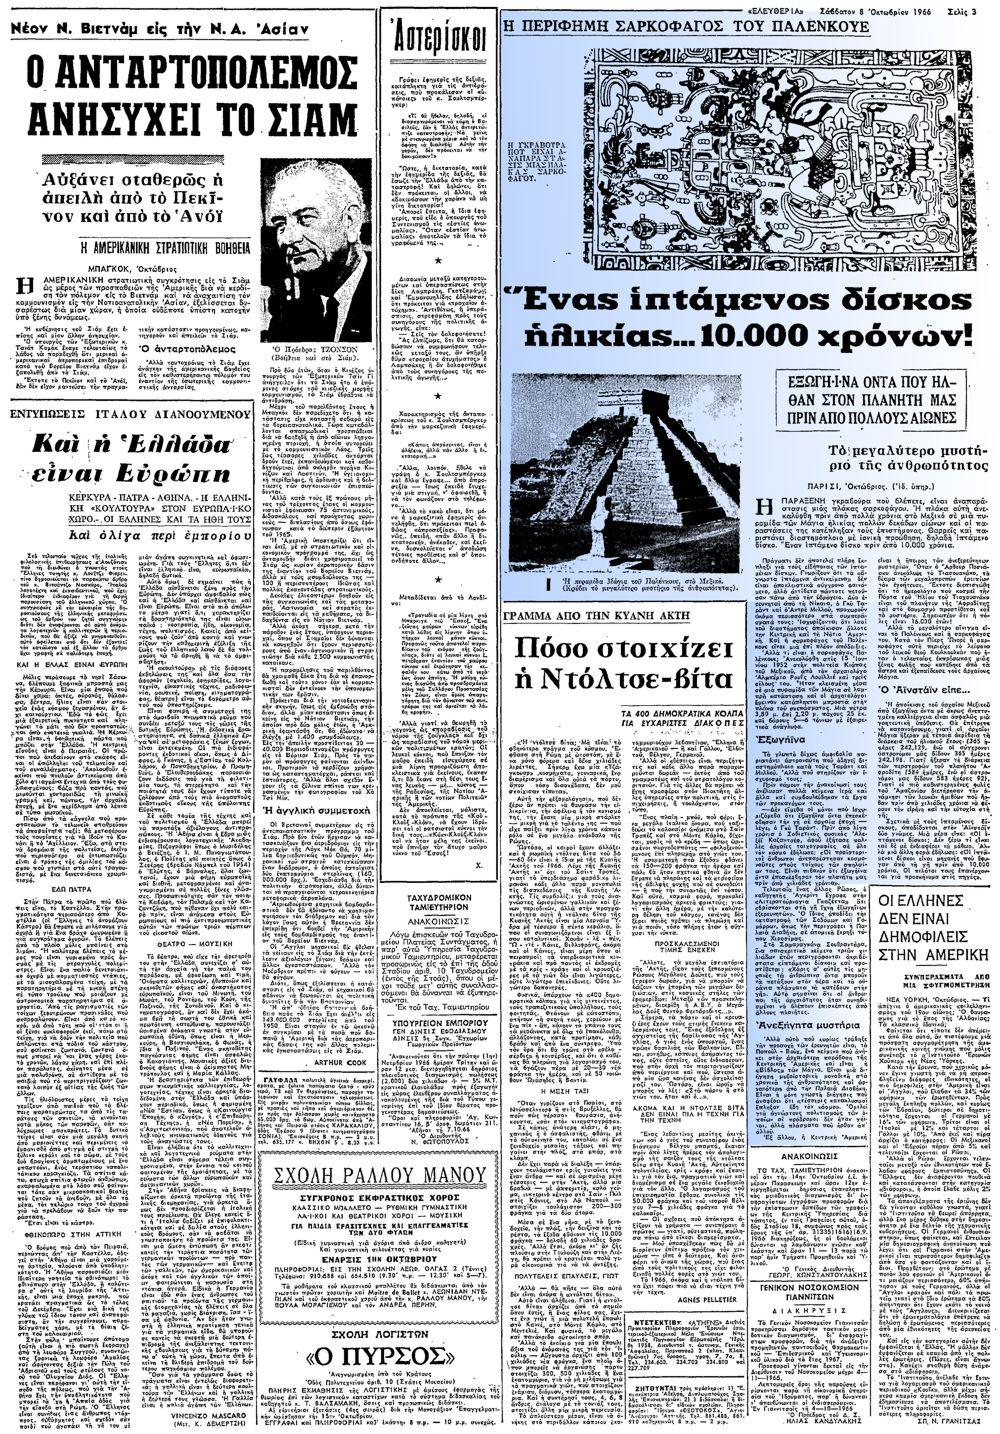 """Το άρθρο, όπως δημοσιεύθηκε στην εφημερίδα """"ΕΛΕΥΘΕΡΙΑ"""", στις 08/10/1966"""